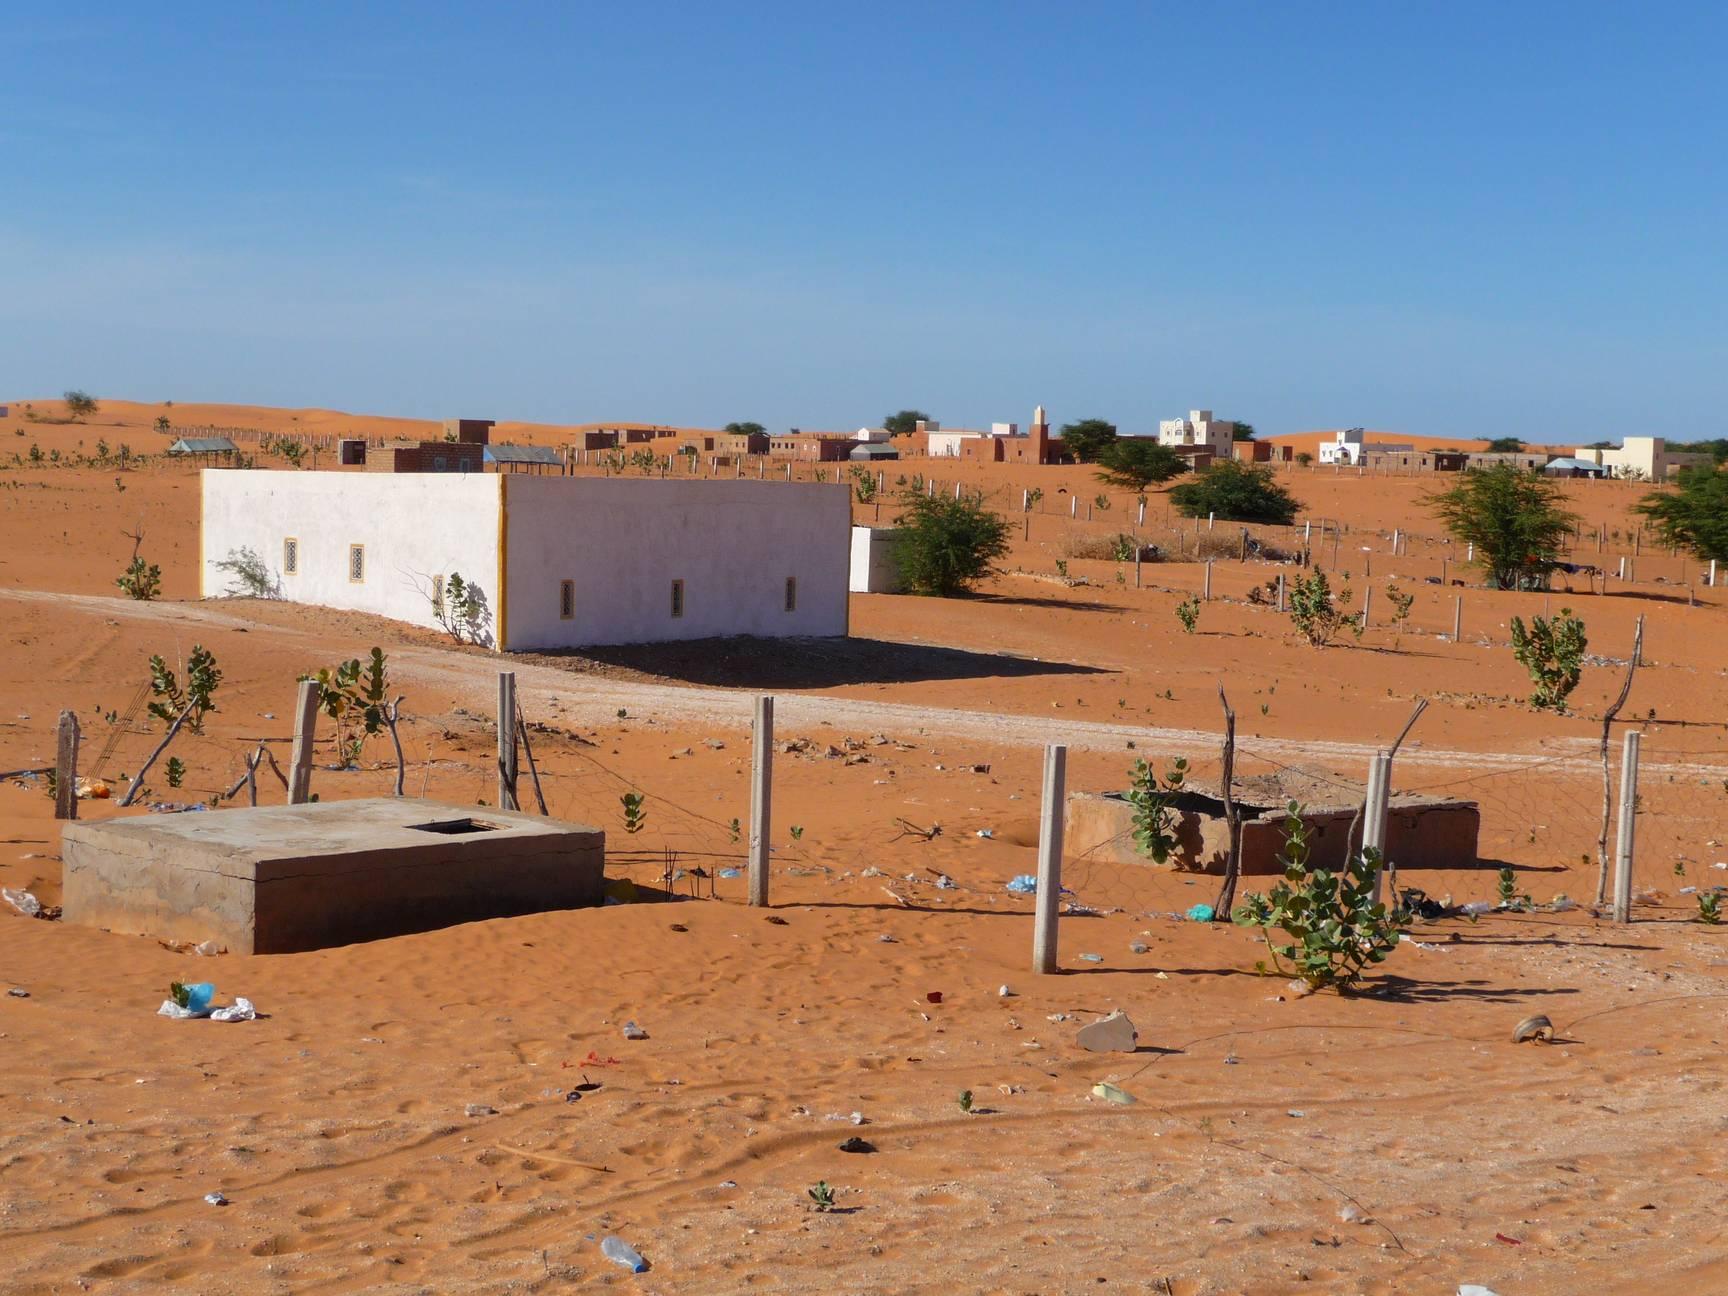 Выложили немного фоток из Мавритании